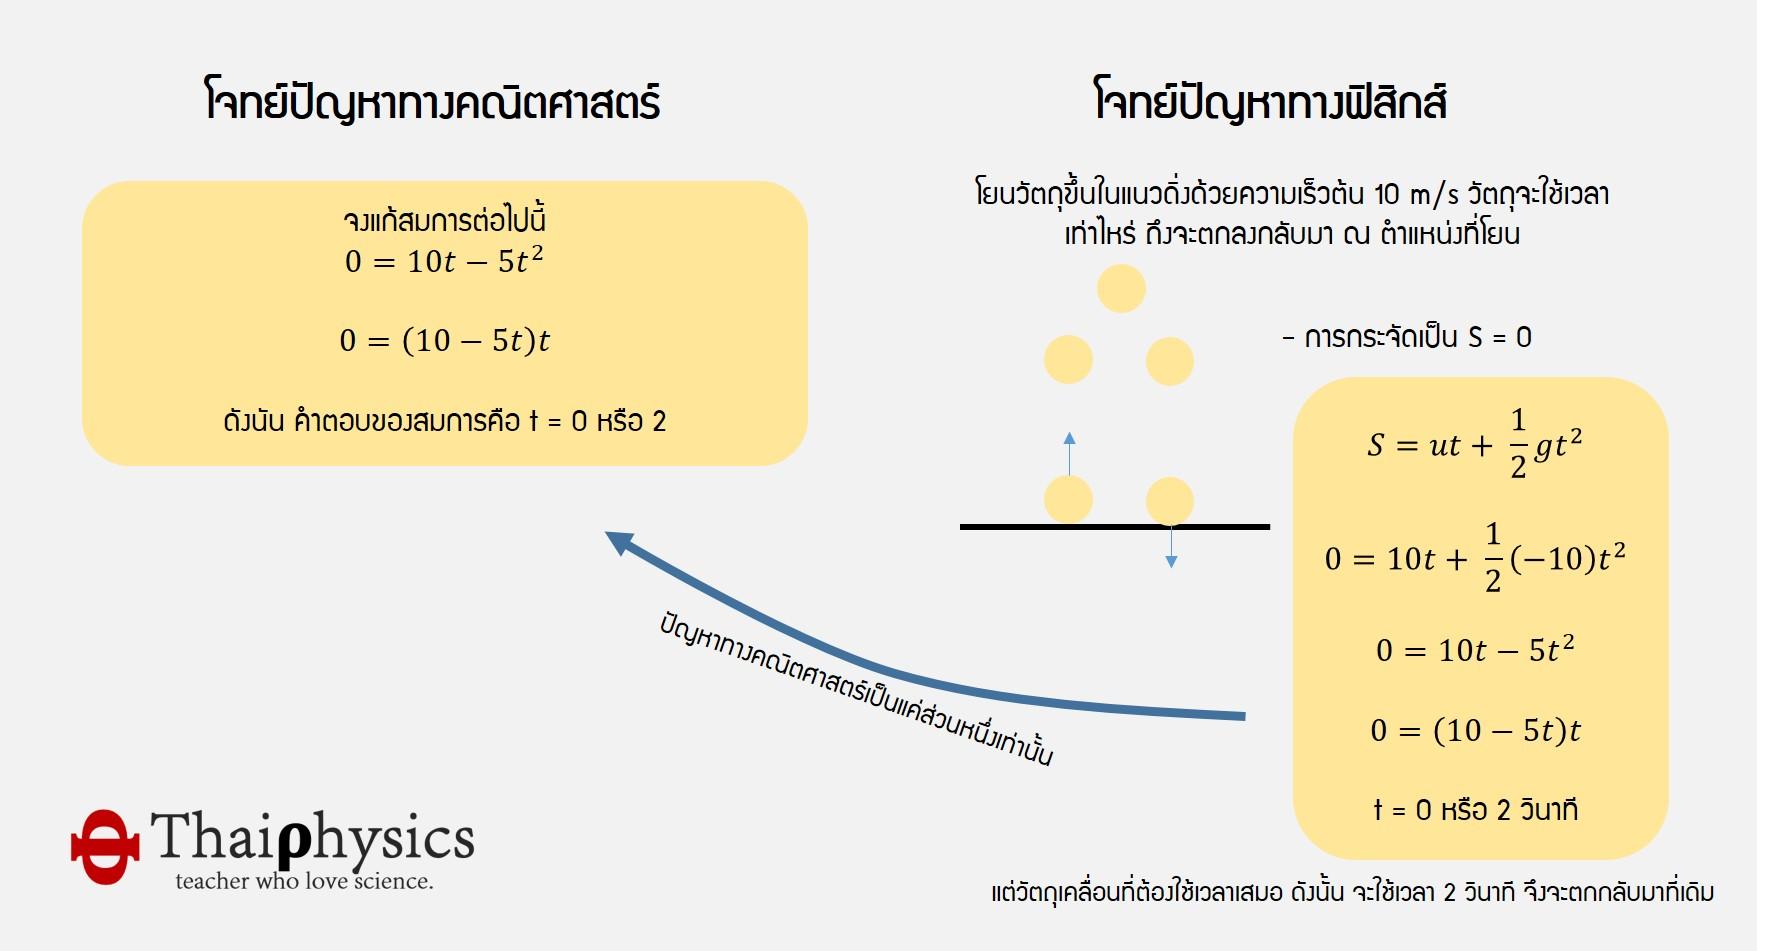 ปัญหาทางฟิสิกส์และคณิตศาสตร์